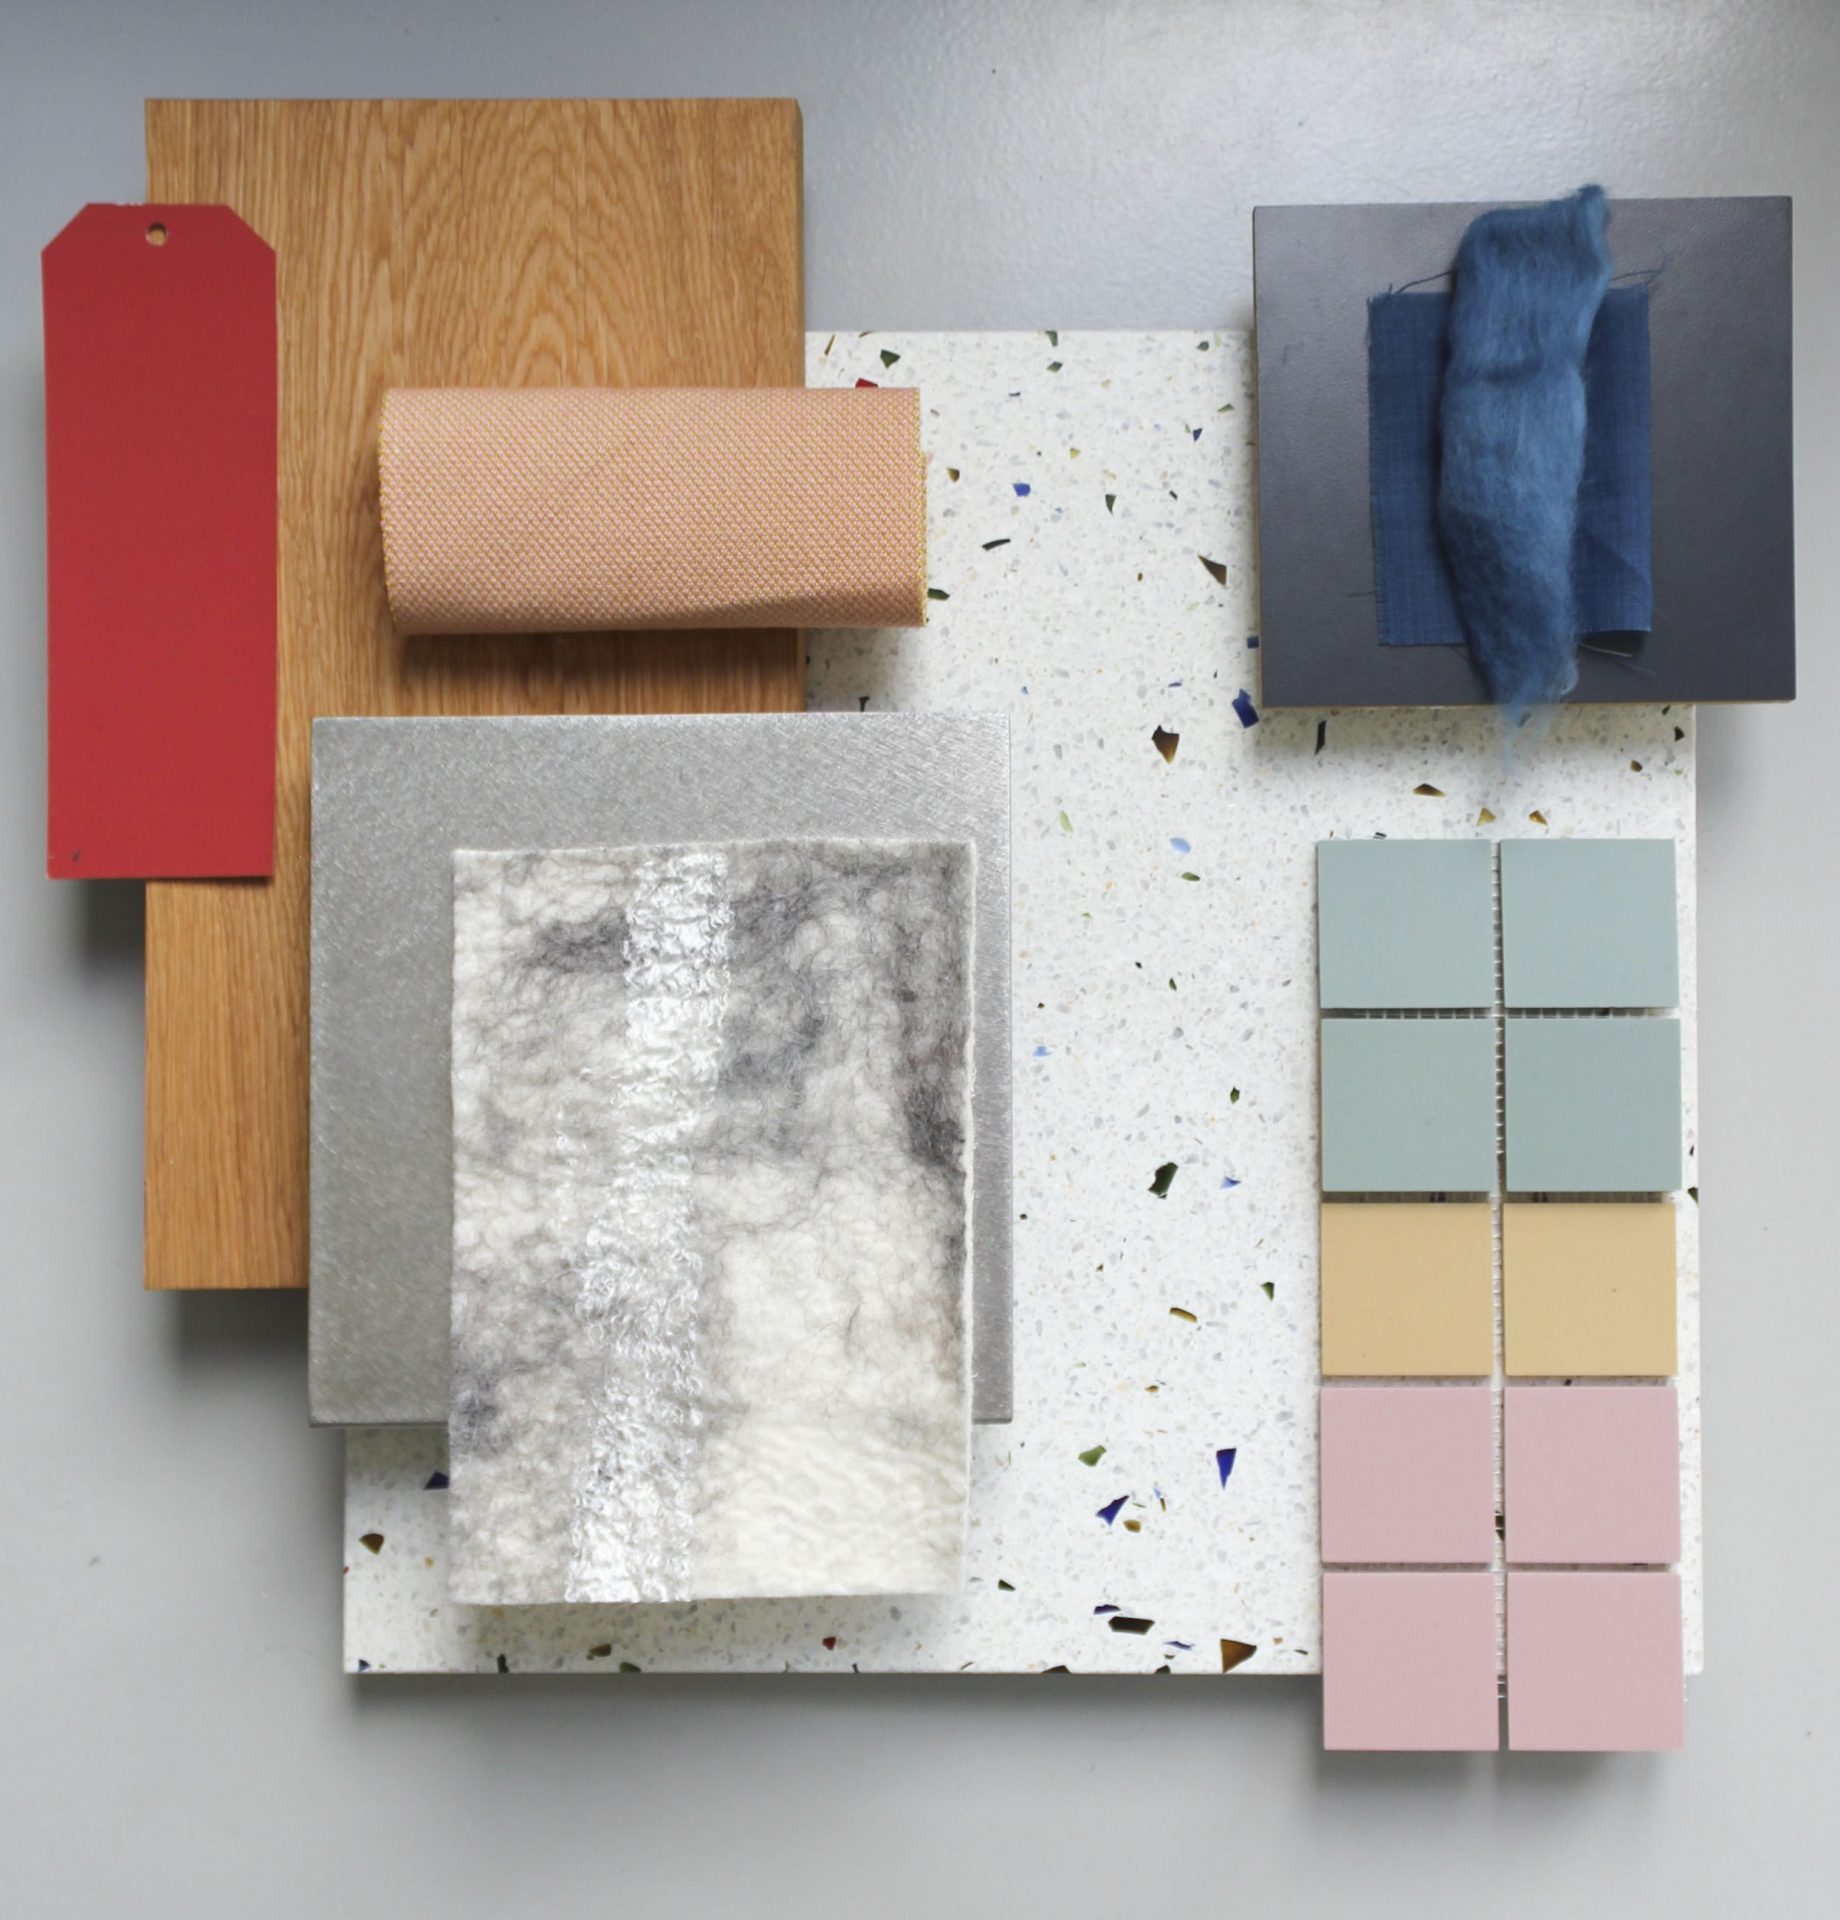 Kleuren en materialen moodboard voor de binnenhuisarchitectuur van deze moderne bungalow.